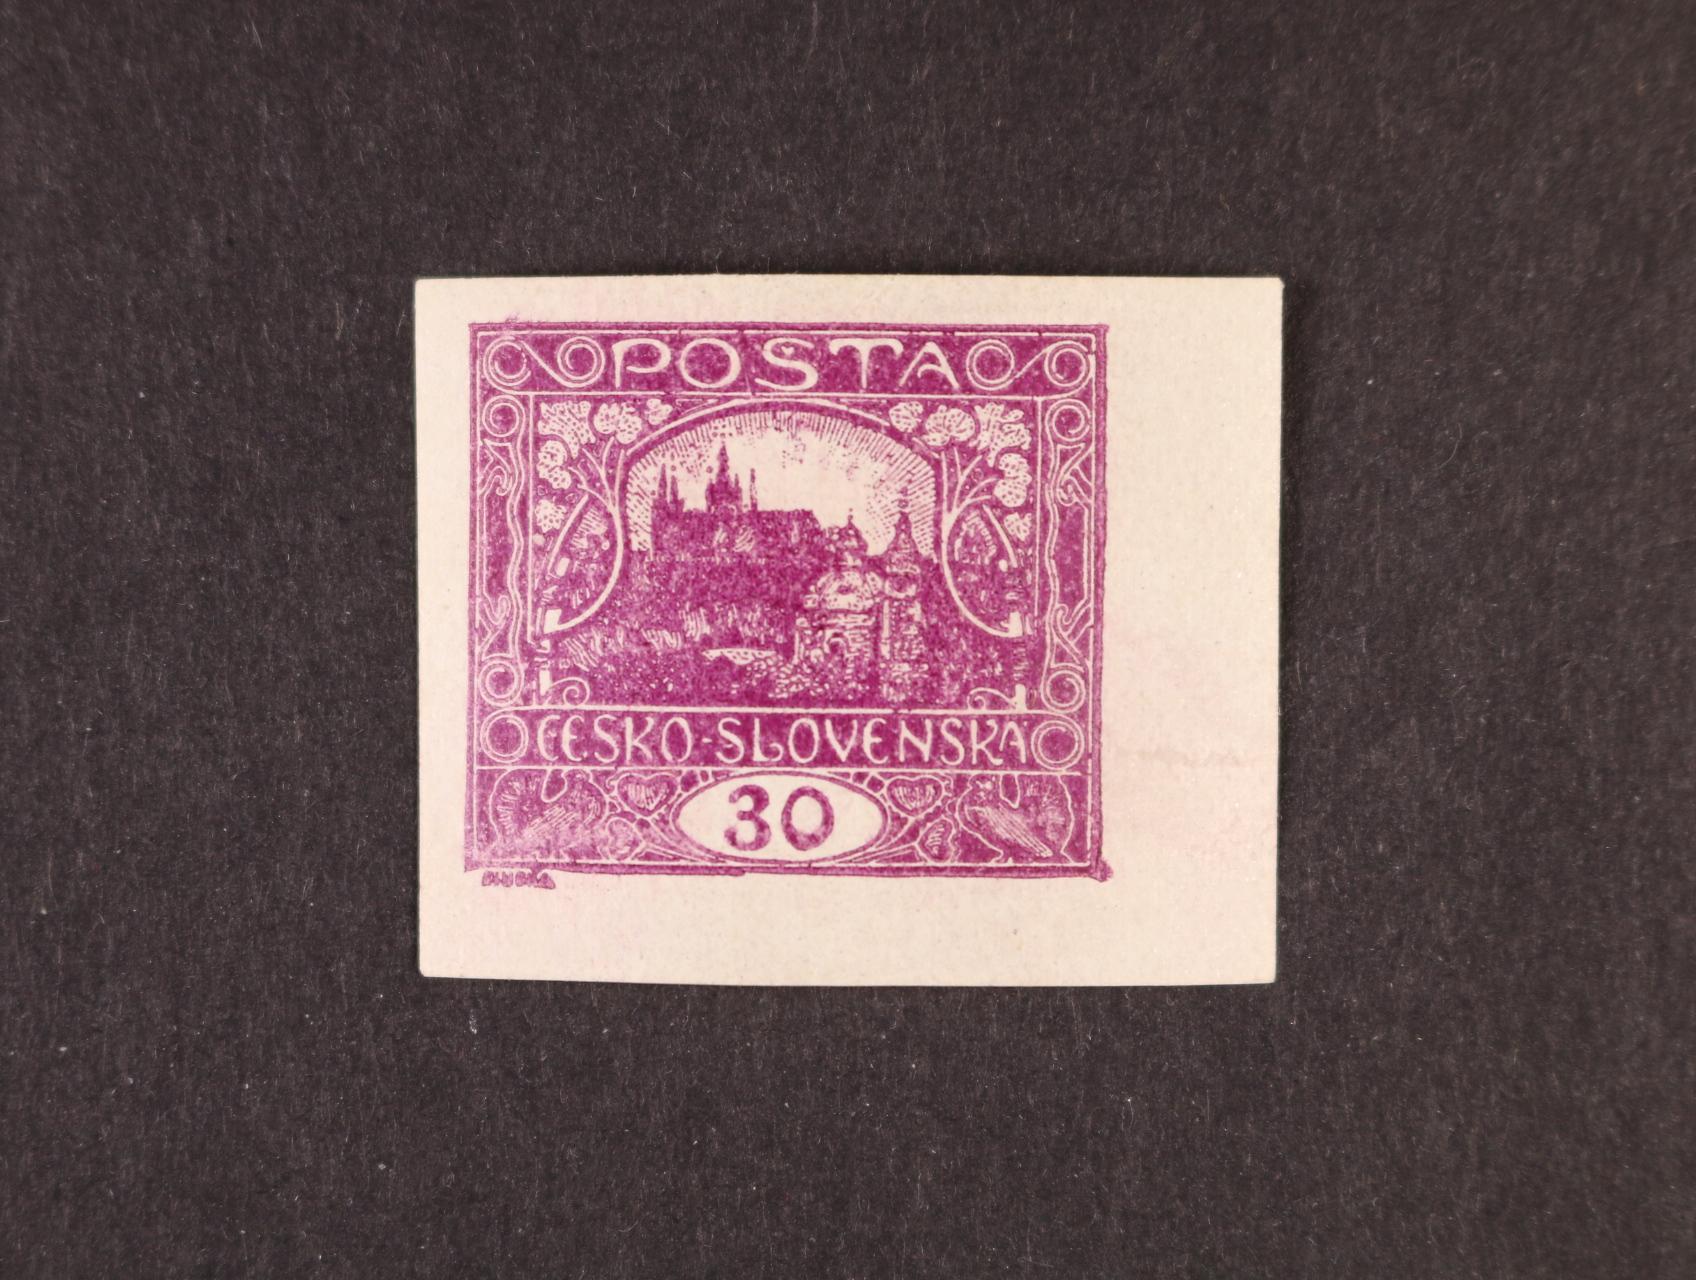 zn. č. 13 Na 30h tmavěfialová - pravý spodní roh. kus, ZP 100, zk. Gilbert, Vrba